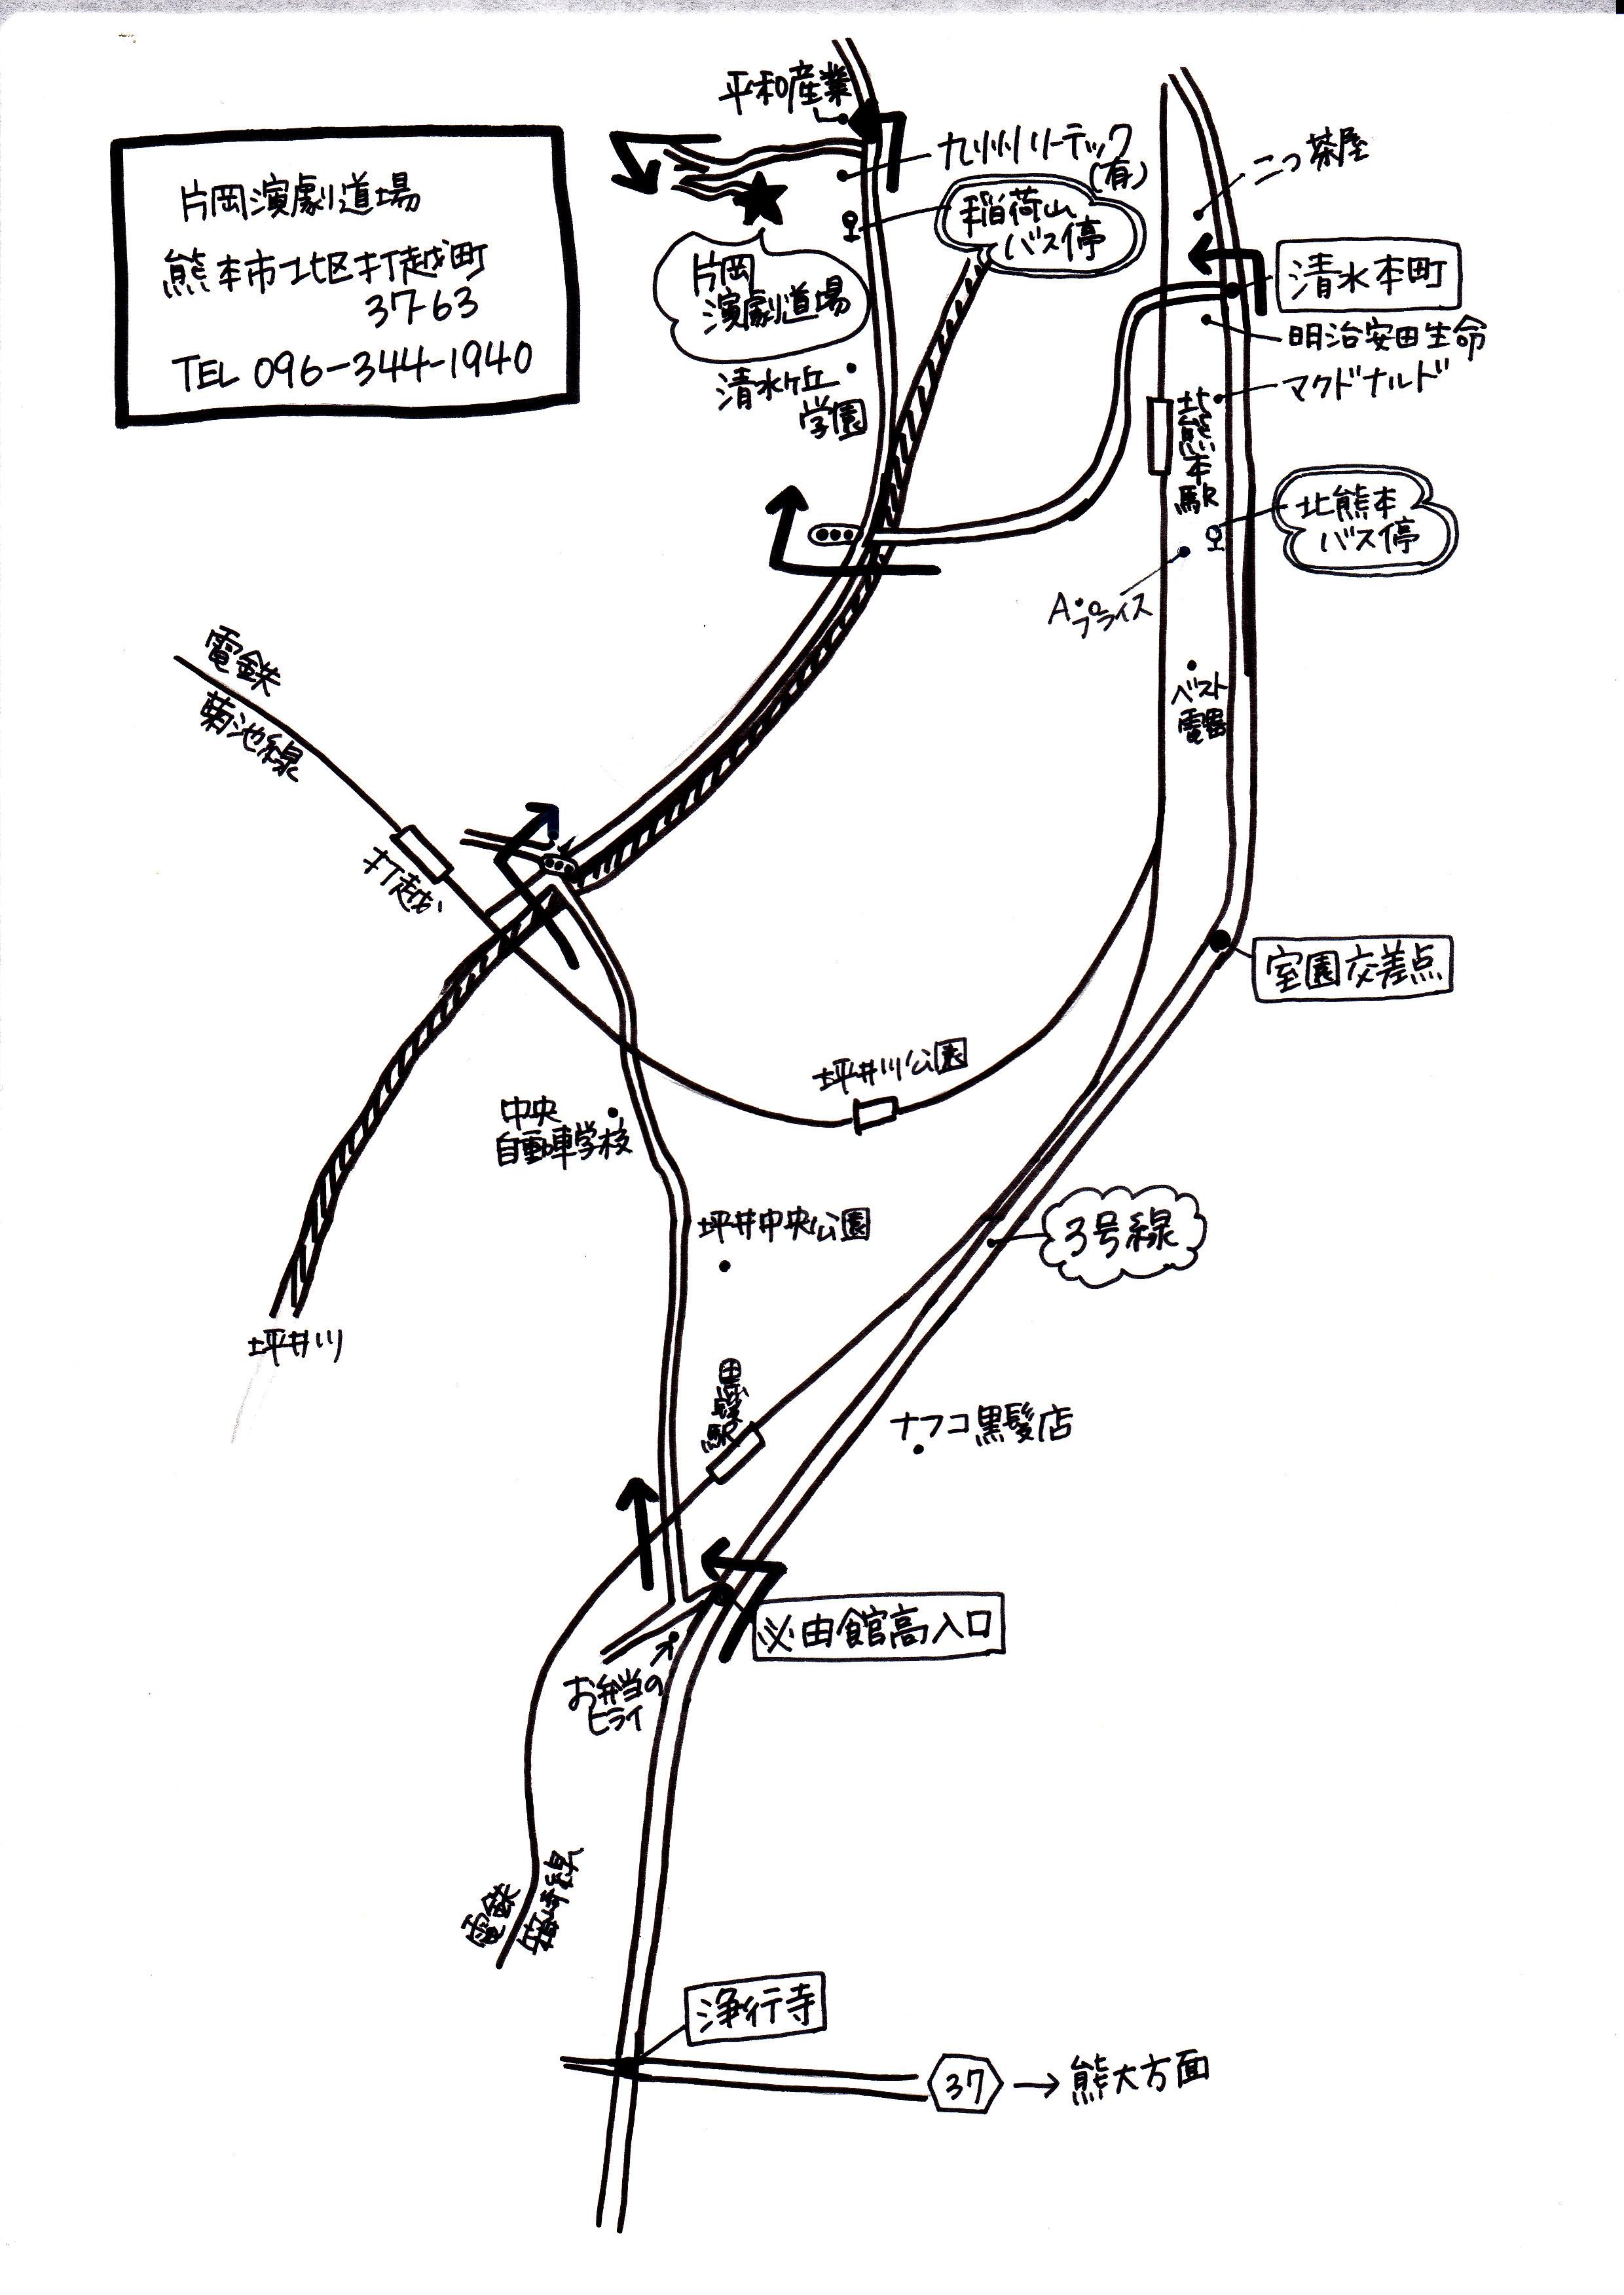 片岡演劇道場周辺地図